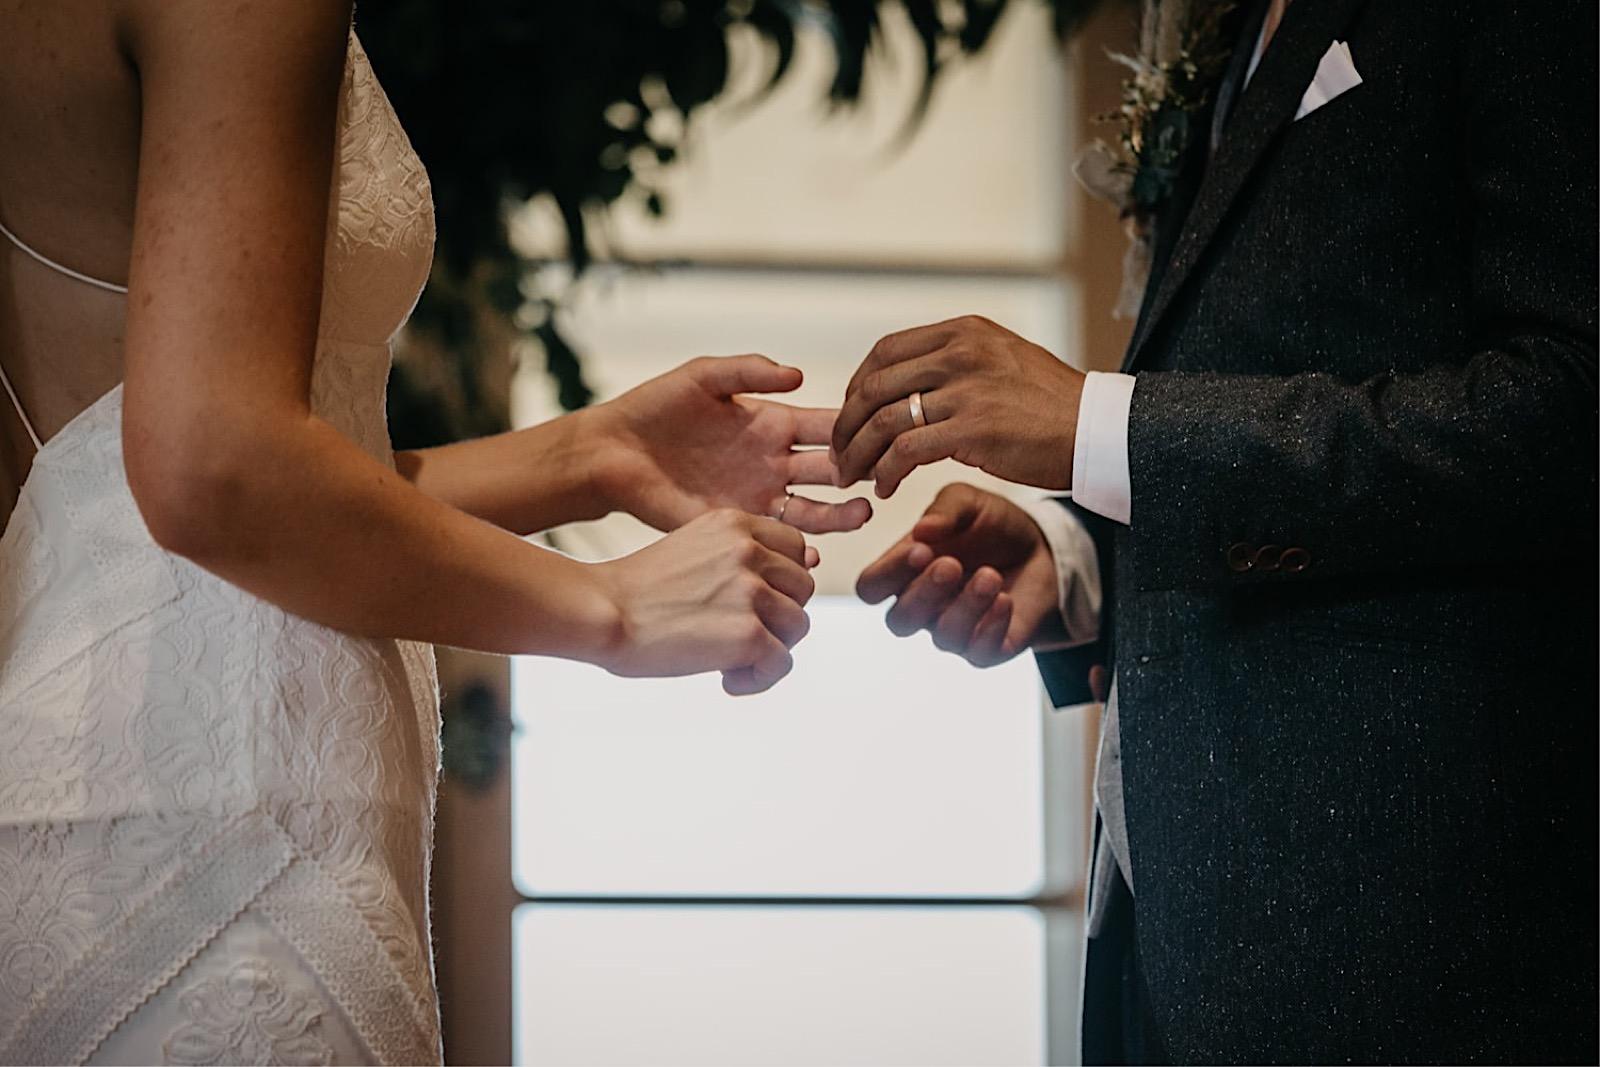 41_bohowedding_ceremony_intimate_wedding (34 von 39).jpg